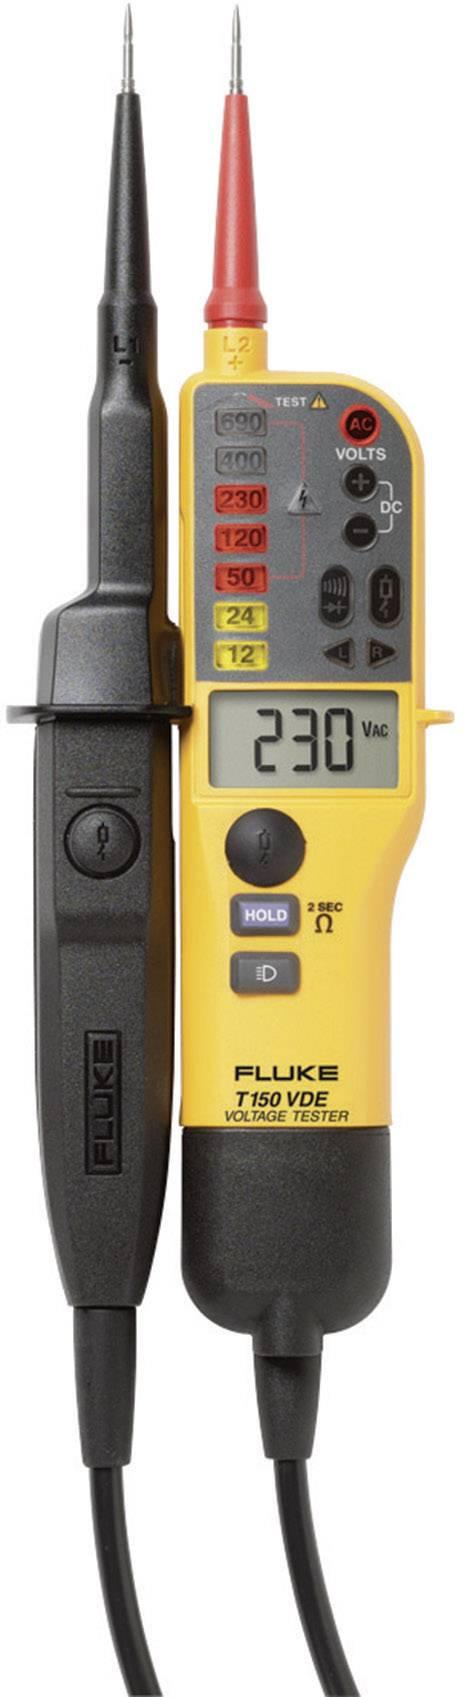 Dvojpólová skúšačka Fluke T150/VDE